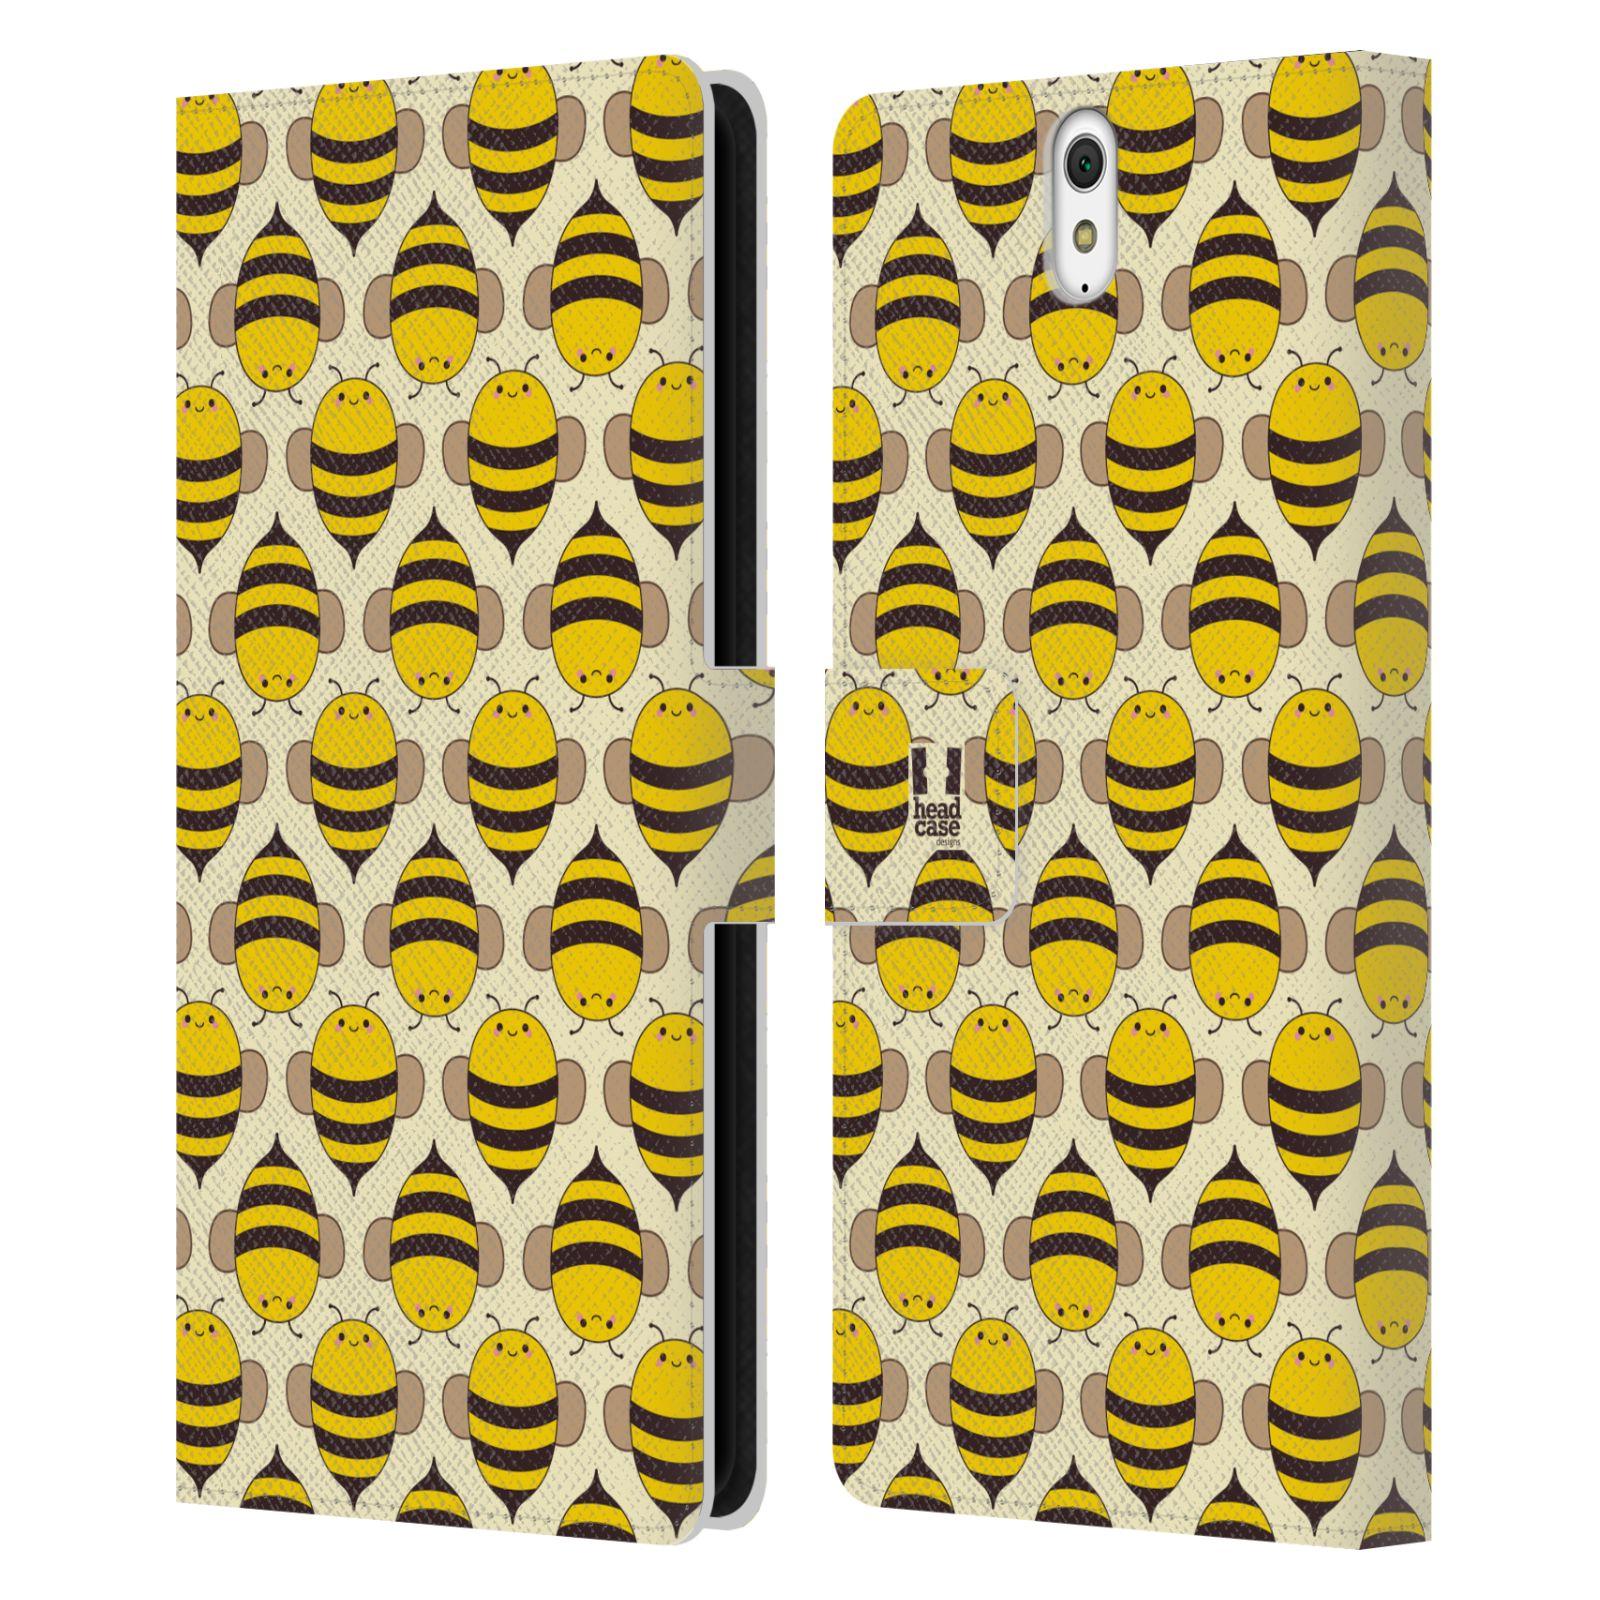 HEAD CASE Flipové pouzdro pro mobil SONY XPERIA C5 Ultra VČELÍ VZOR kolonie včelek